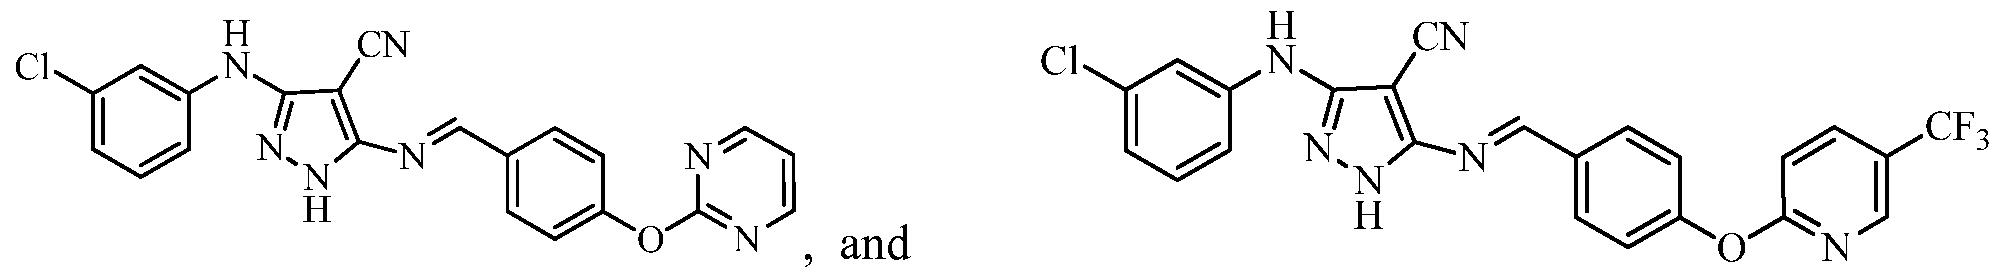 Figure imgf000170_0002